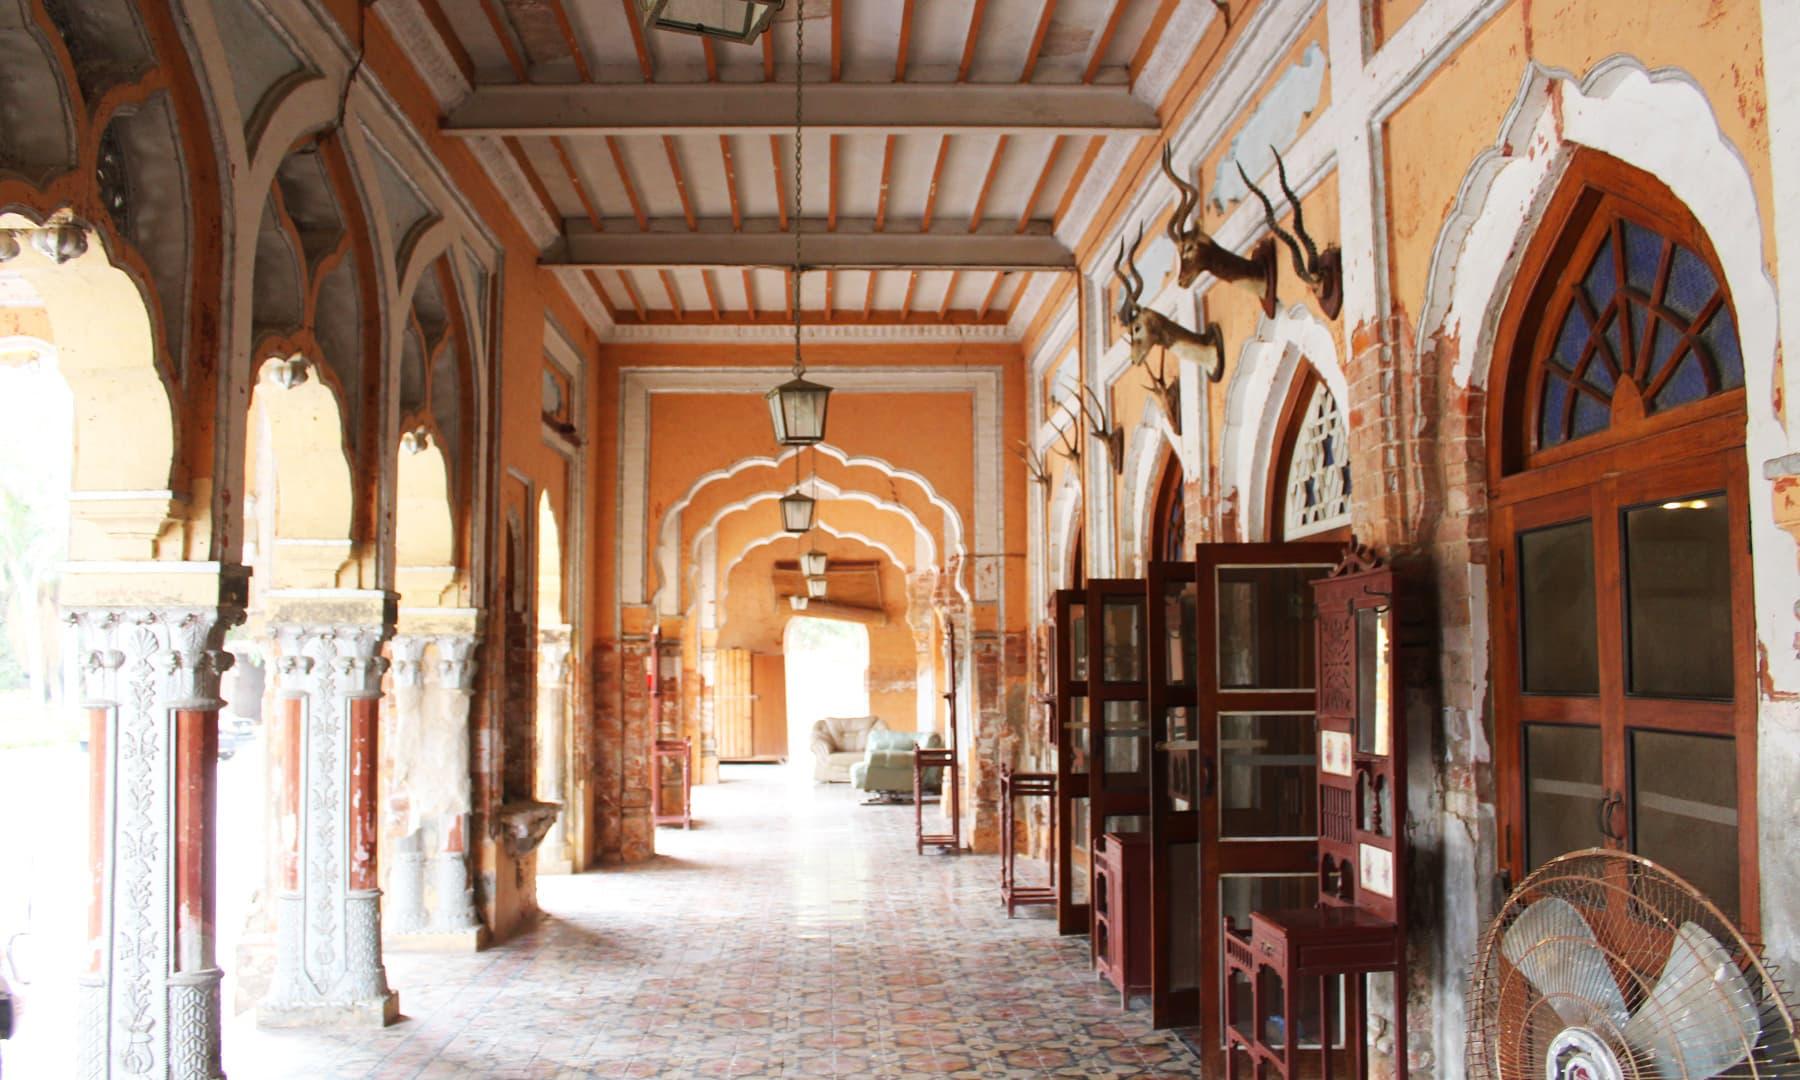 فیض محل کا برامدہ—تصویر اختر حفیظ